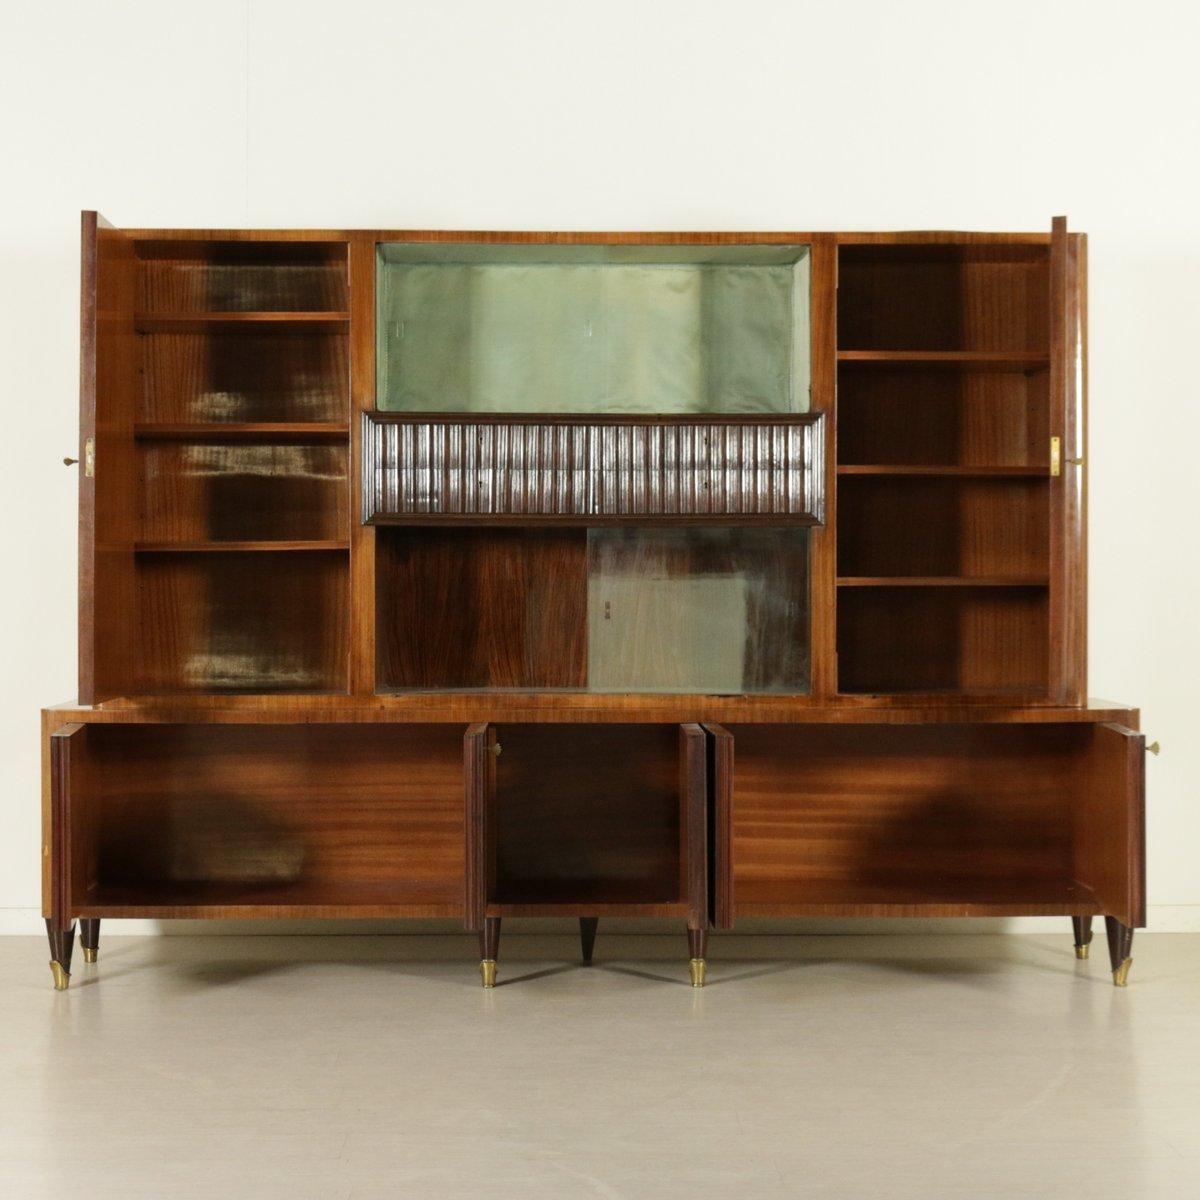 Mueble italiano de vidrio chapa de caoba y lat n a os 50 en venta en pamono - Mueble anos 50 ...